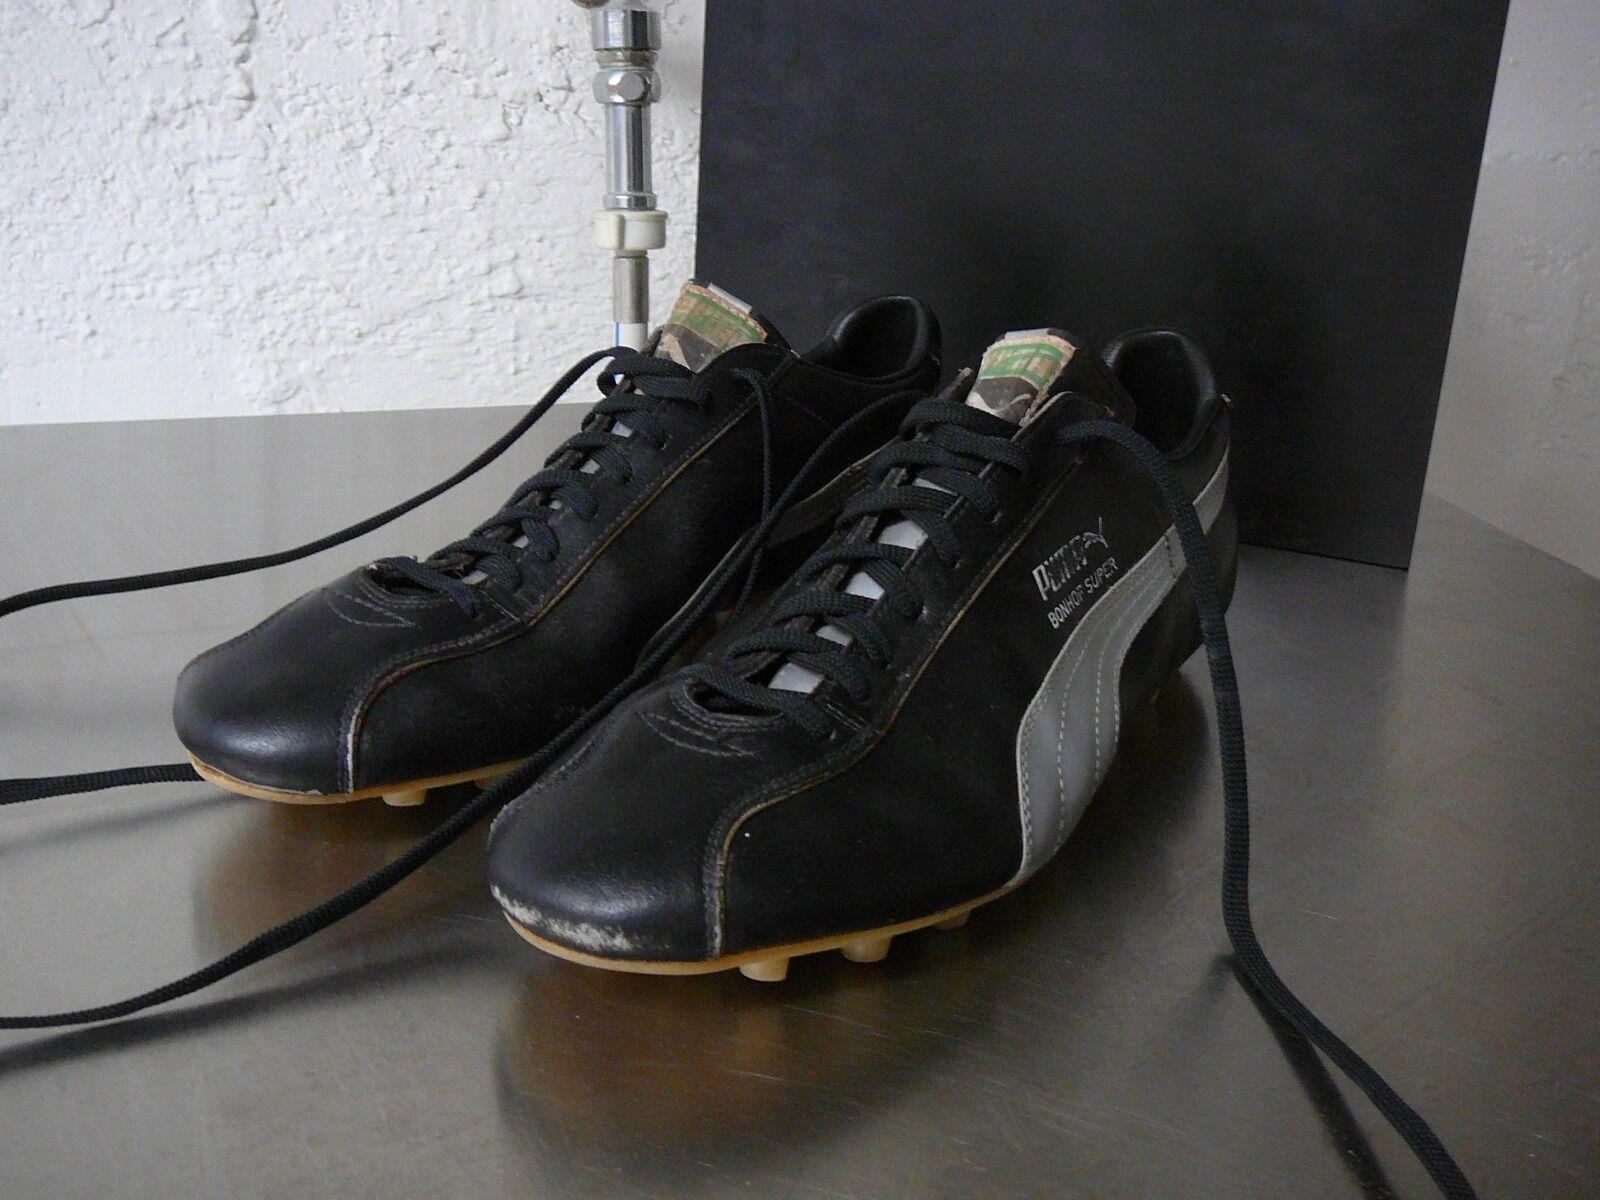 Puma vintage soccer Stiefel Bonhof Super UK 10 70iger  | Die Königin Der Qualität